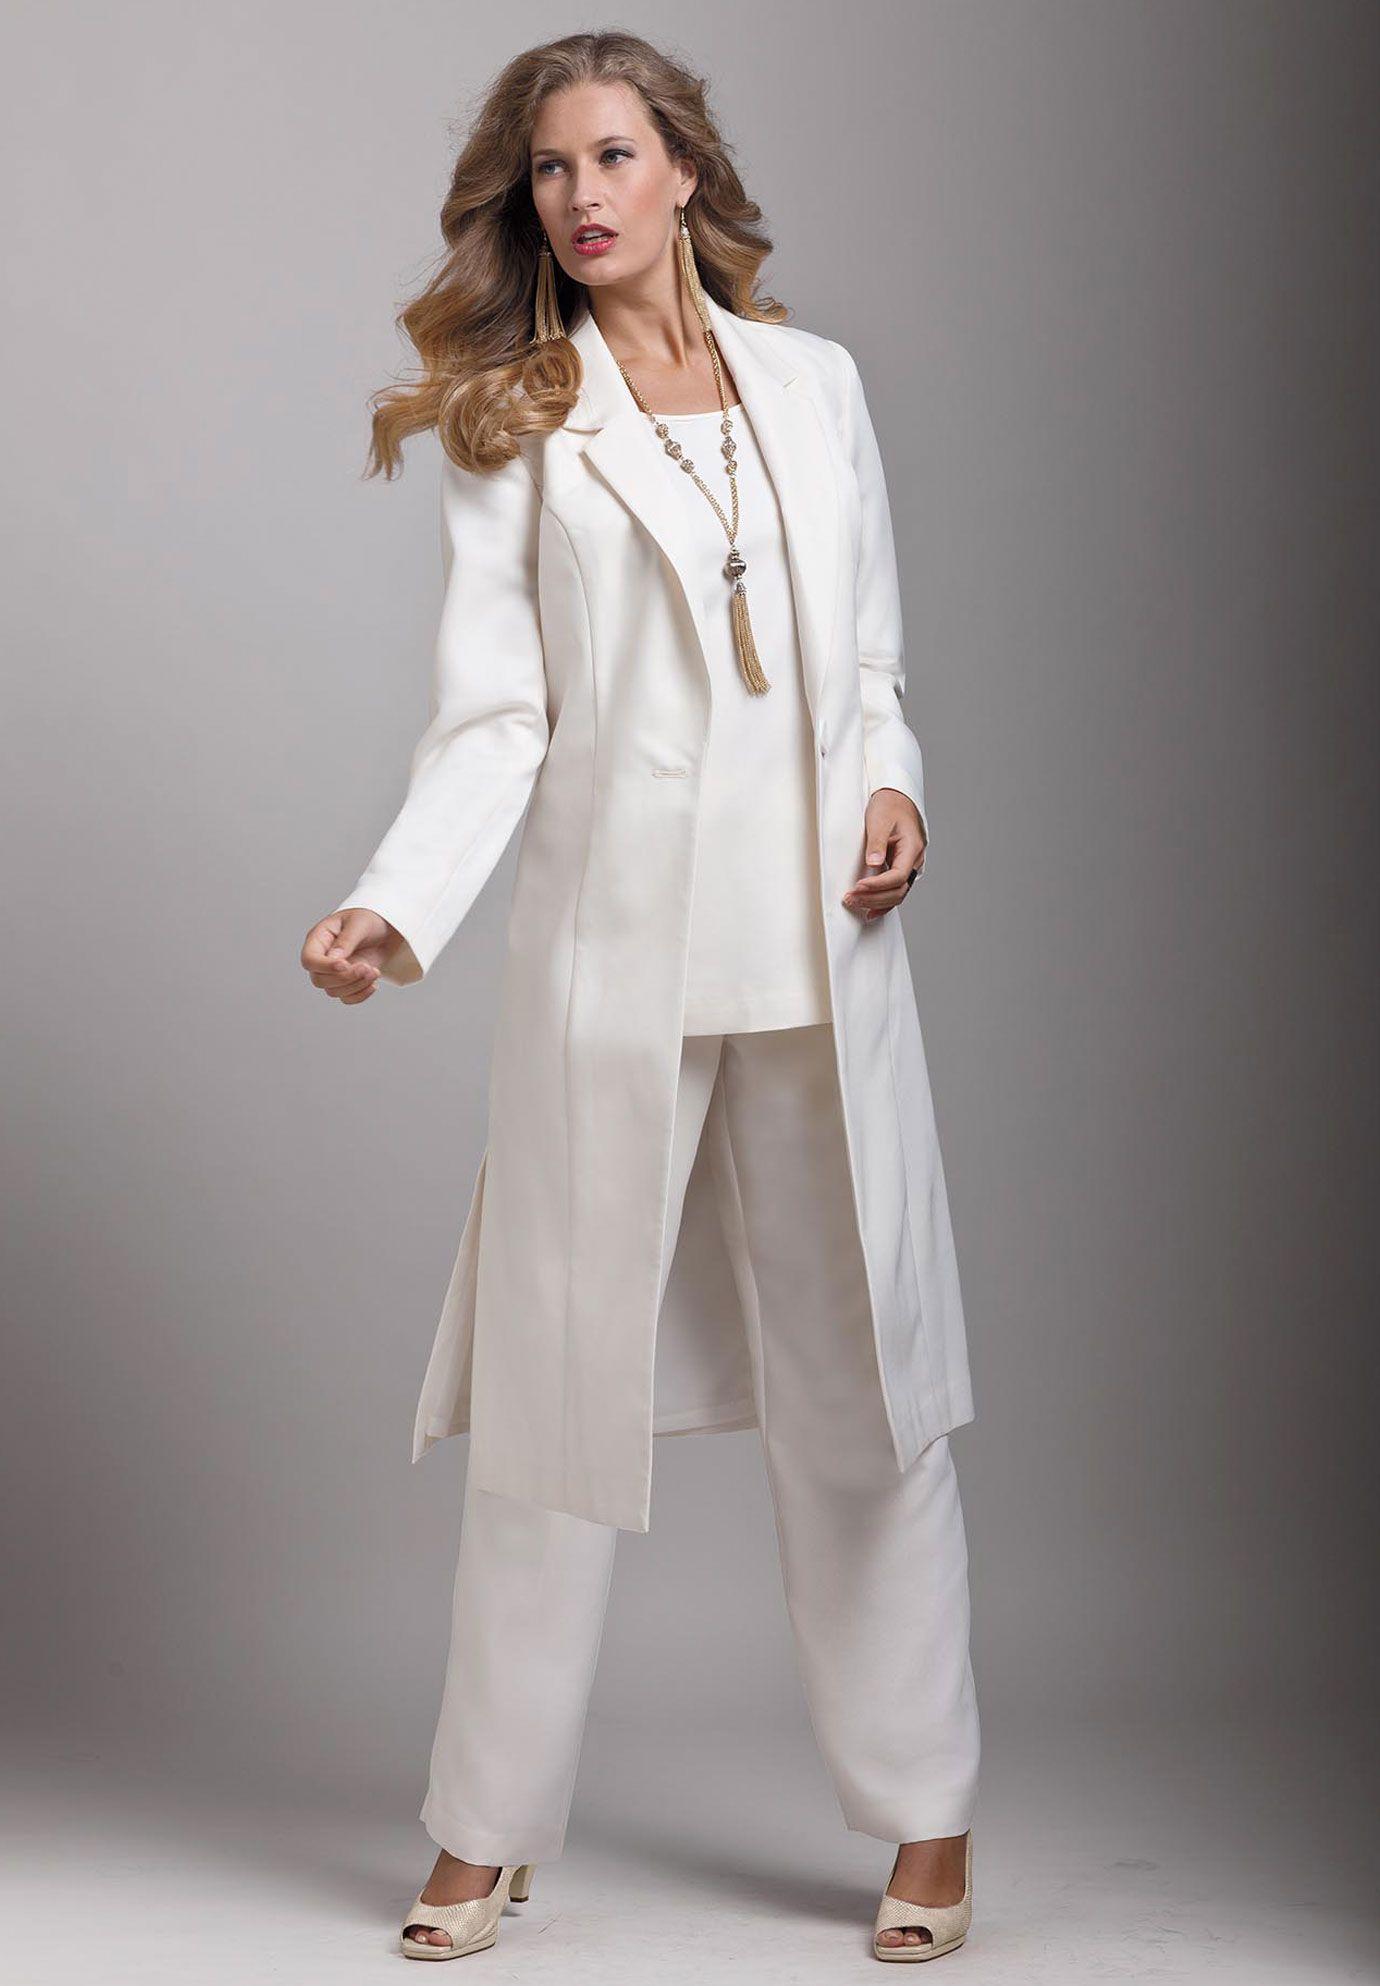 Plus size jacket dress for wedding  Plus Size ThreePiece Duster Pant Suit  Plus Size Suits and Jacket